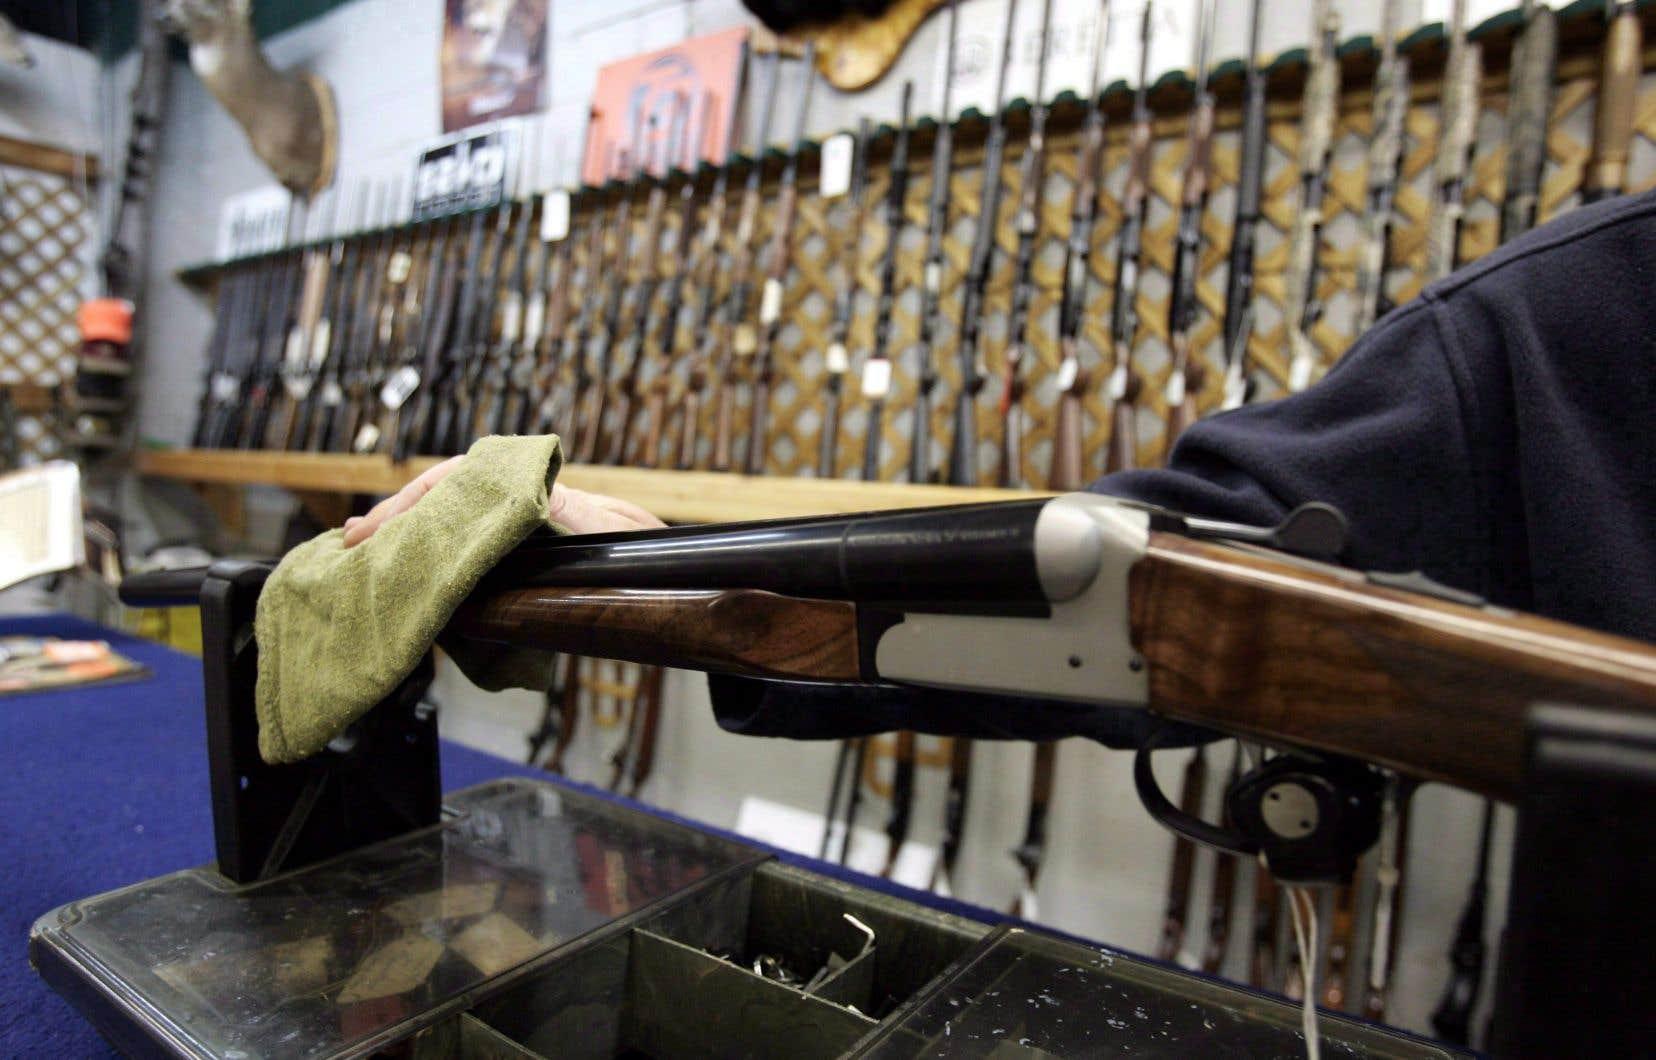 Le contrôle des armes à feu est un enjeu polarisant, mais cela est vrai autant dans le camp libéral que conservateur.